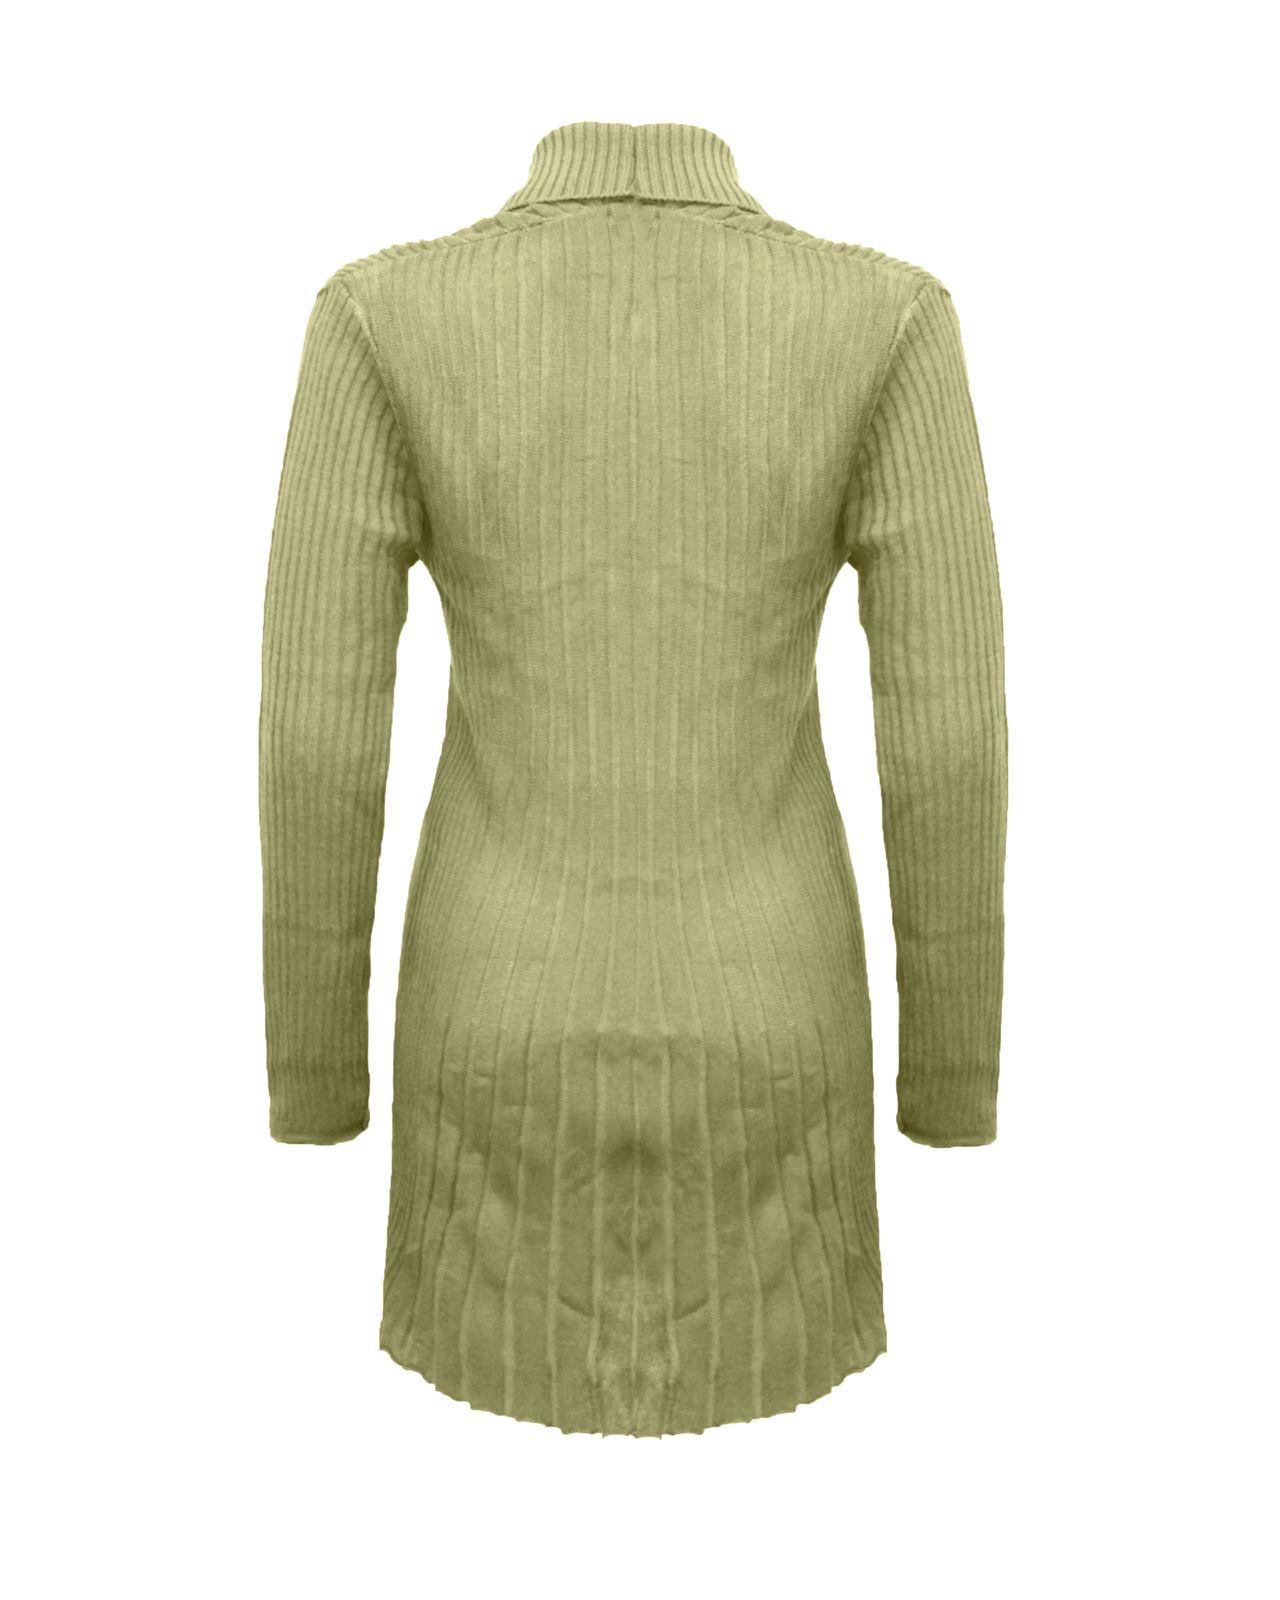 Senoras-Mujeres-De-Punto-Boyfriend-Cardigan-Brooched-Cascada-sumeria-Vestido-Jumper miniatura 16